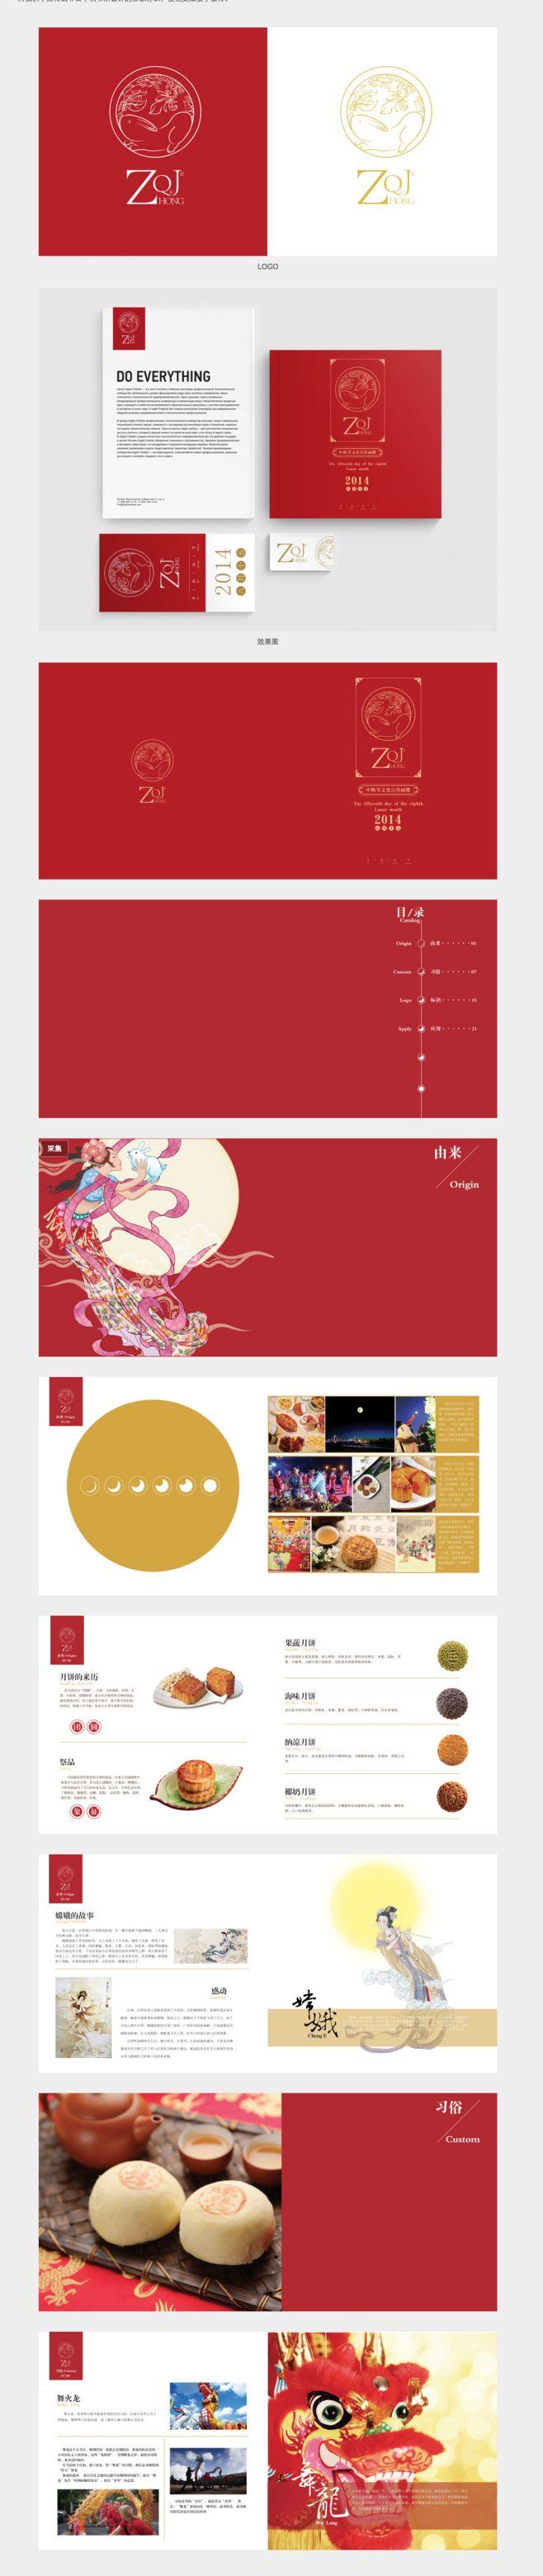 毕业设计《中秋节文化宣传》|书装/画册|...@zy5495采集到画册(260图)_花瓣平面设计